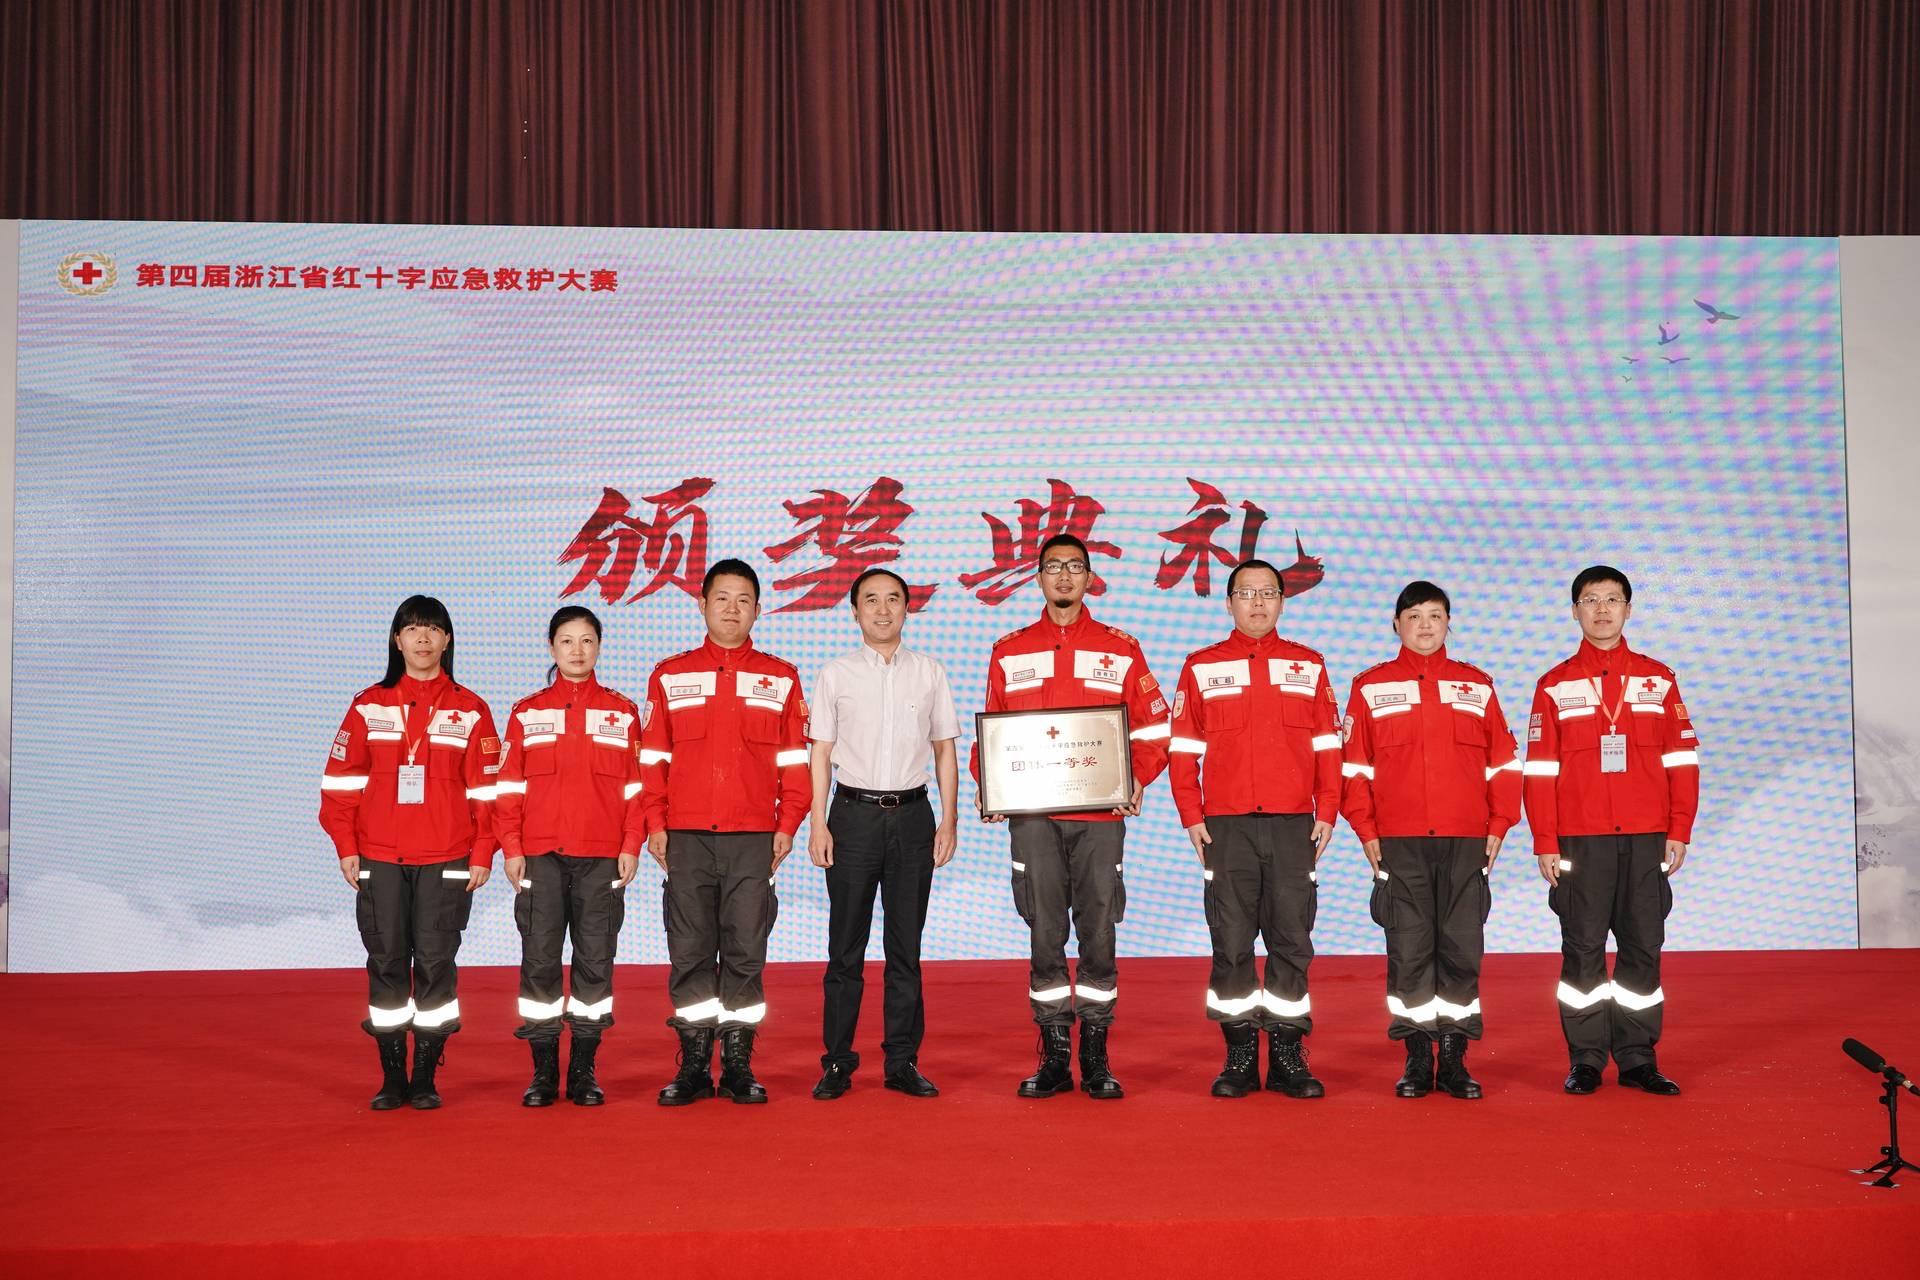 喜报!绍兴市红十字会在全省红十字应急救护大赛中获团体第一